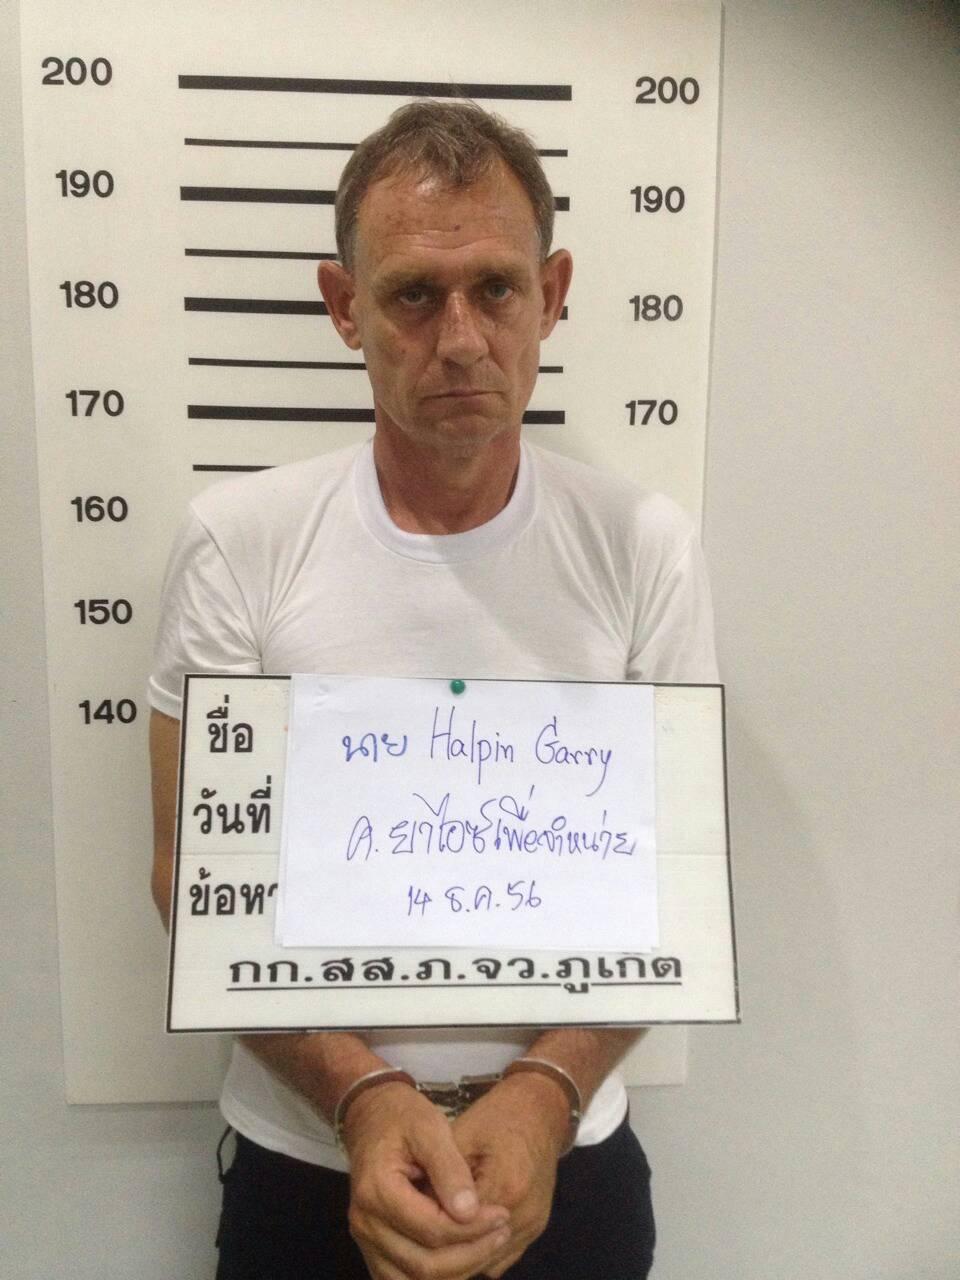 Garry Halpin 'an ex Phuket Tourist Police volunteer' says top cop